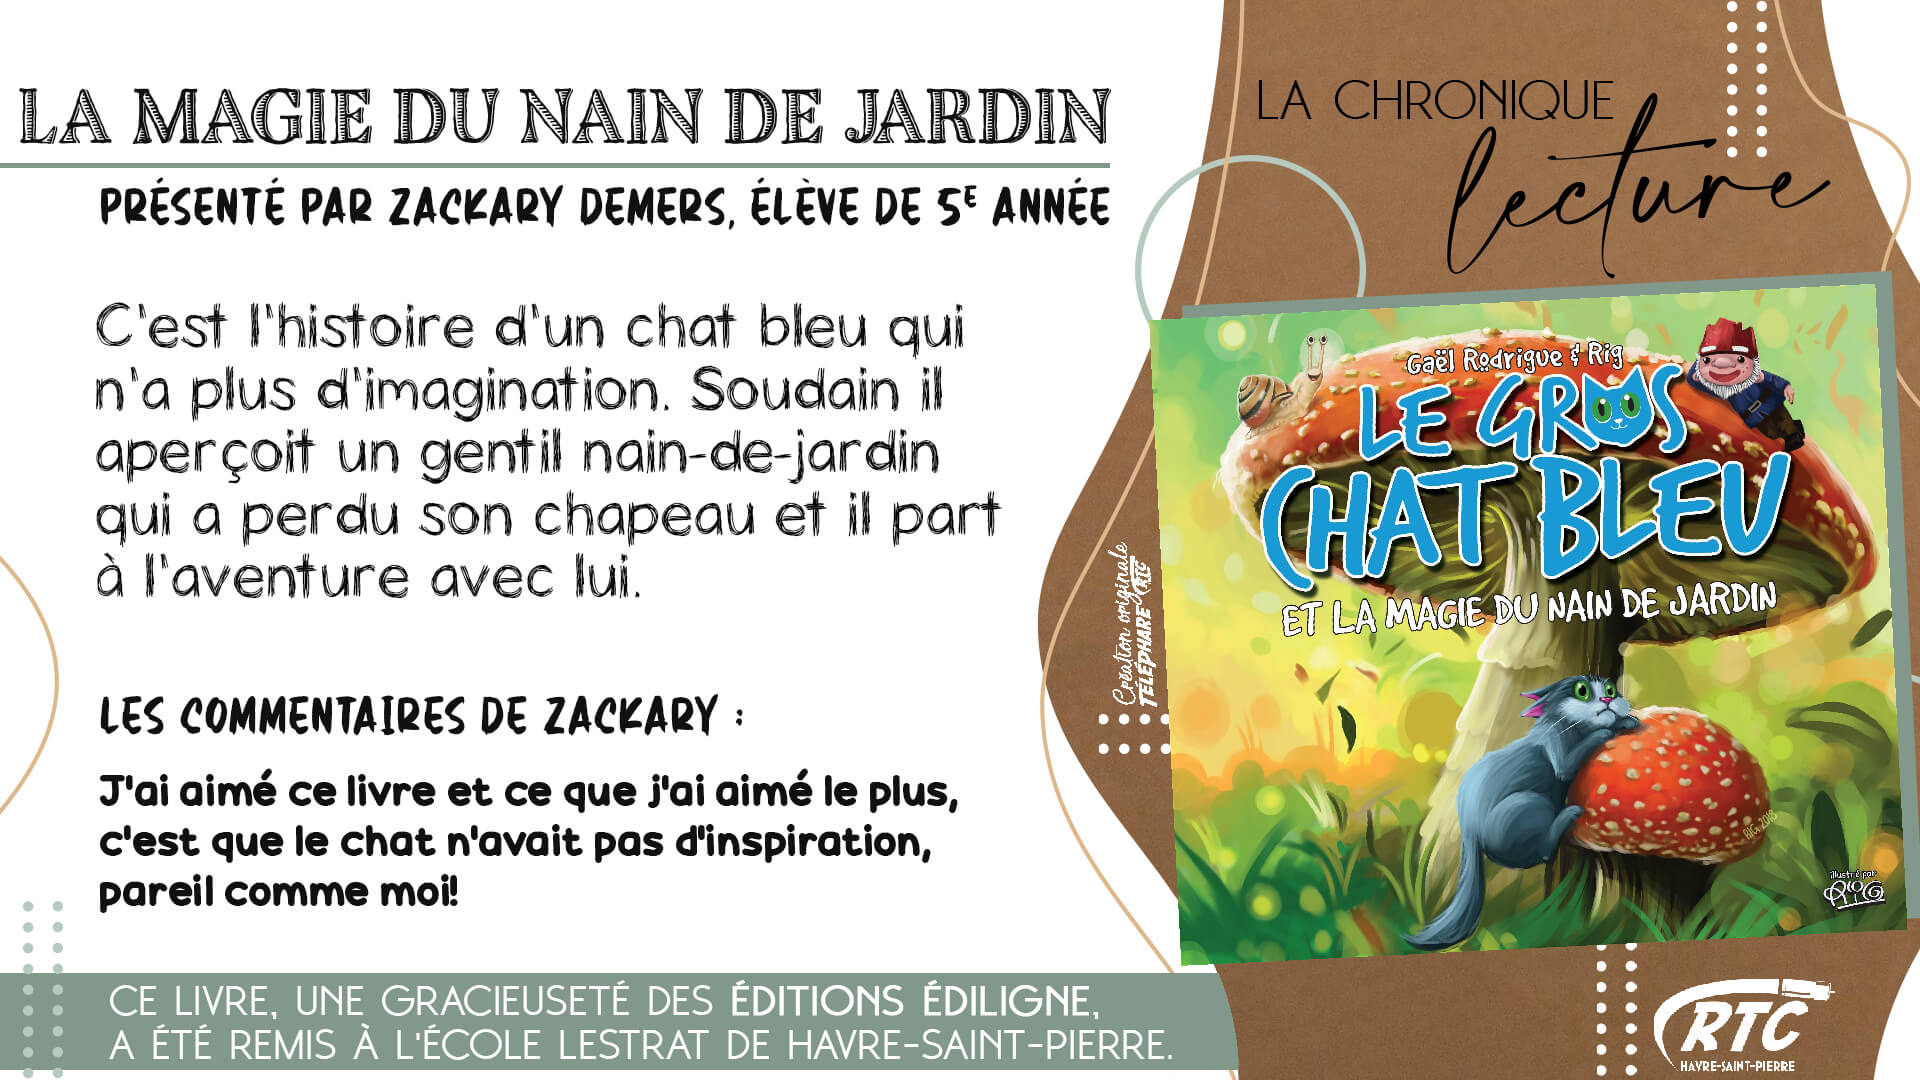 Chronique-Lecture-2021-Zackary-Demers-La-magie-du-nain-de-jardin-6-au-12-avril-2021